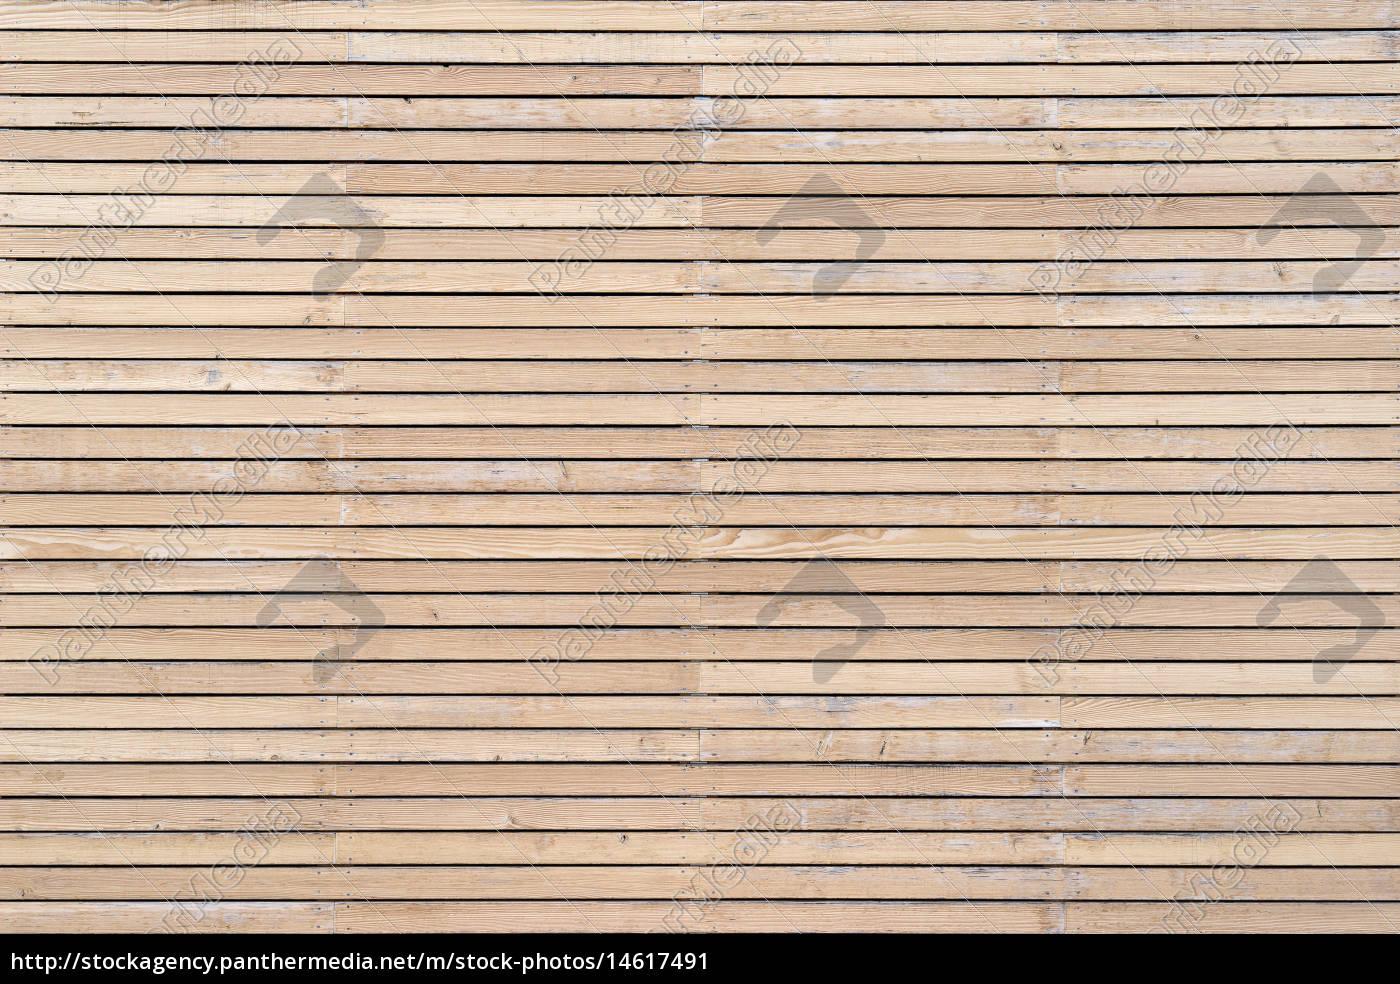 helle leicht verwitterte holzfassade mit horizontaler stockfoto 14617491 bildagentur. Black Bedroom Furniture Sets. Home Design Ideas